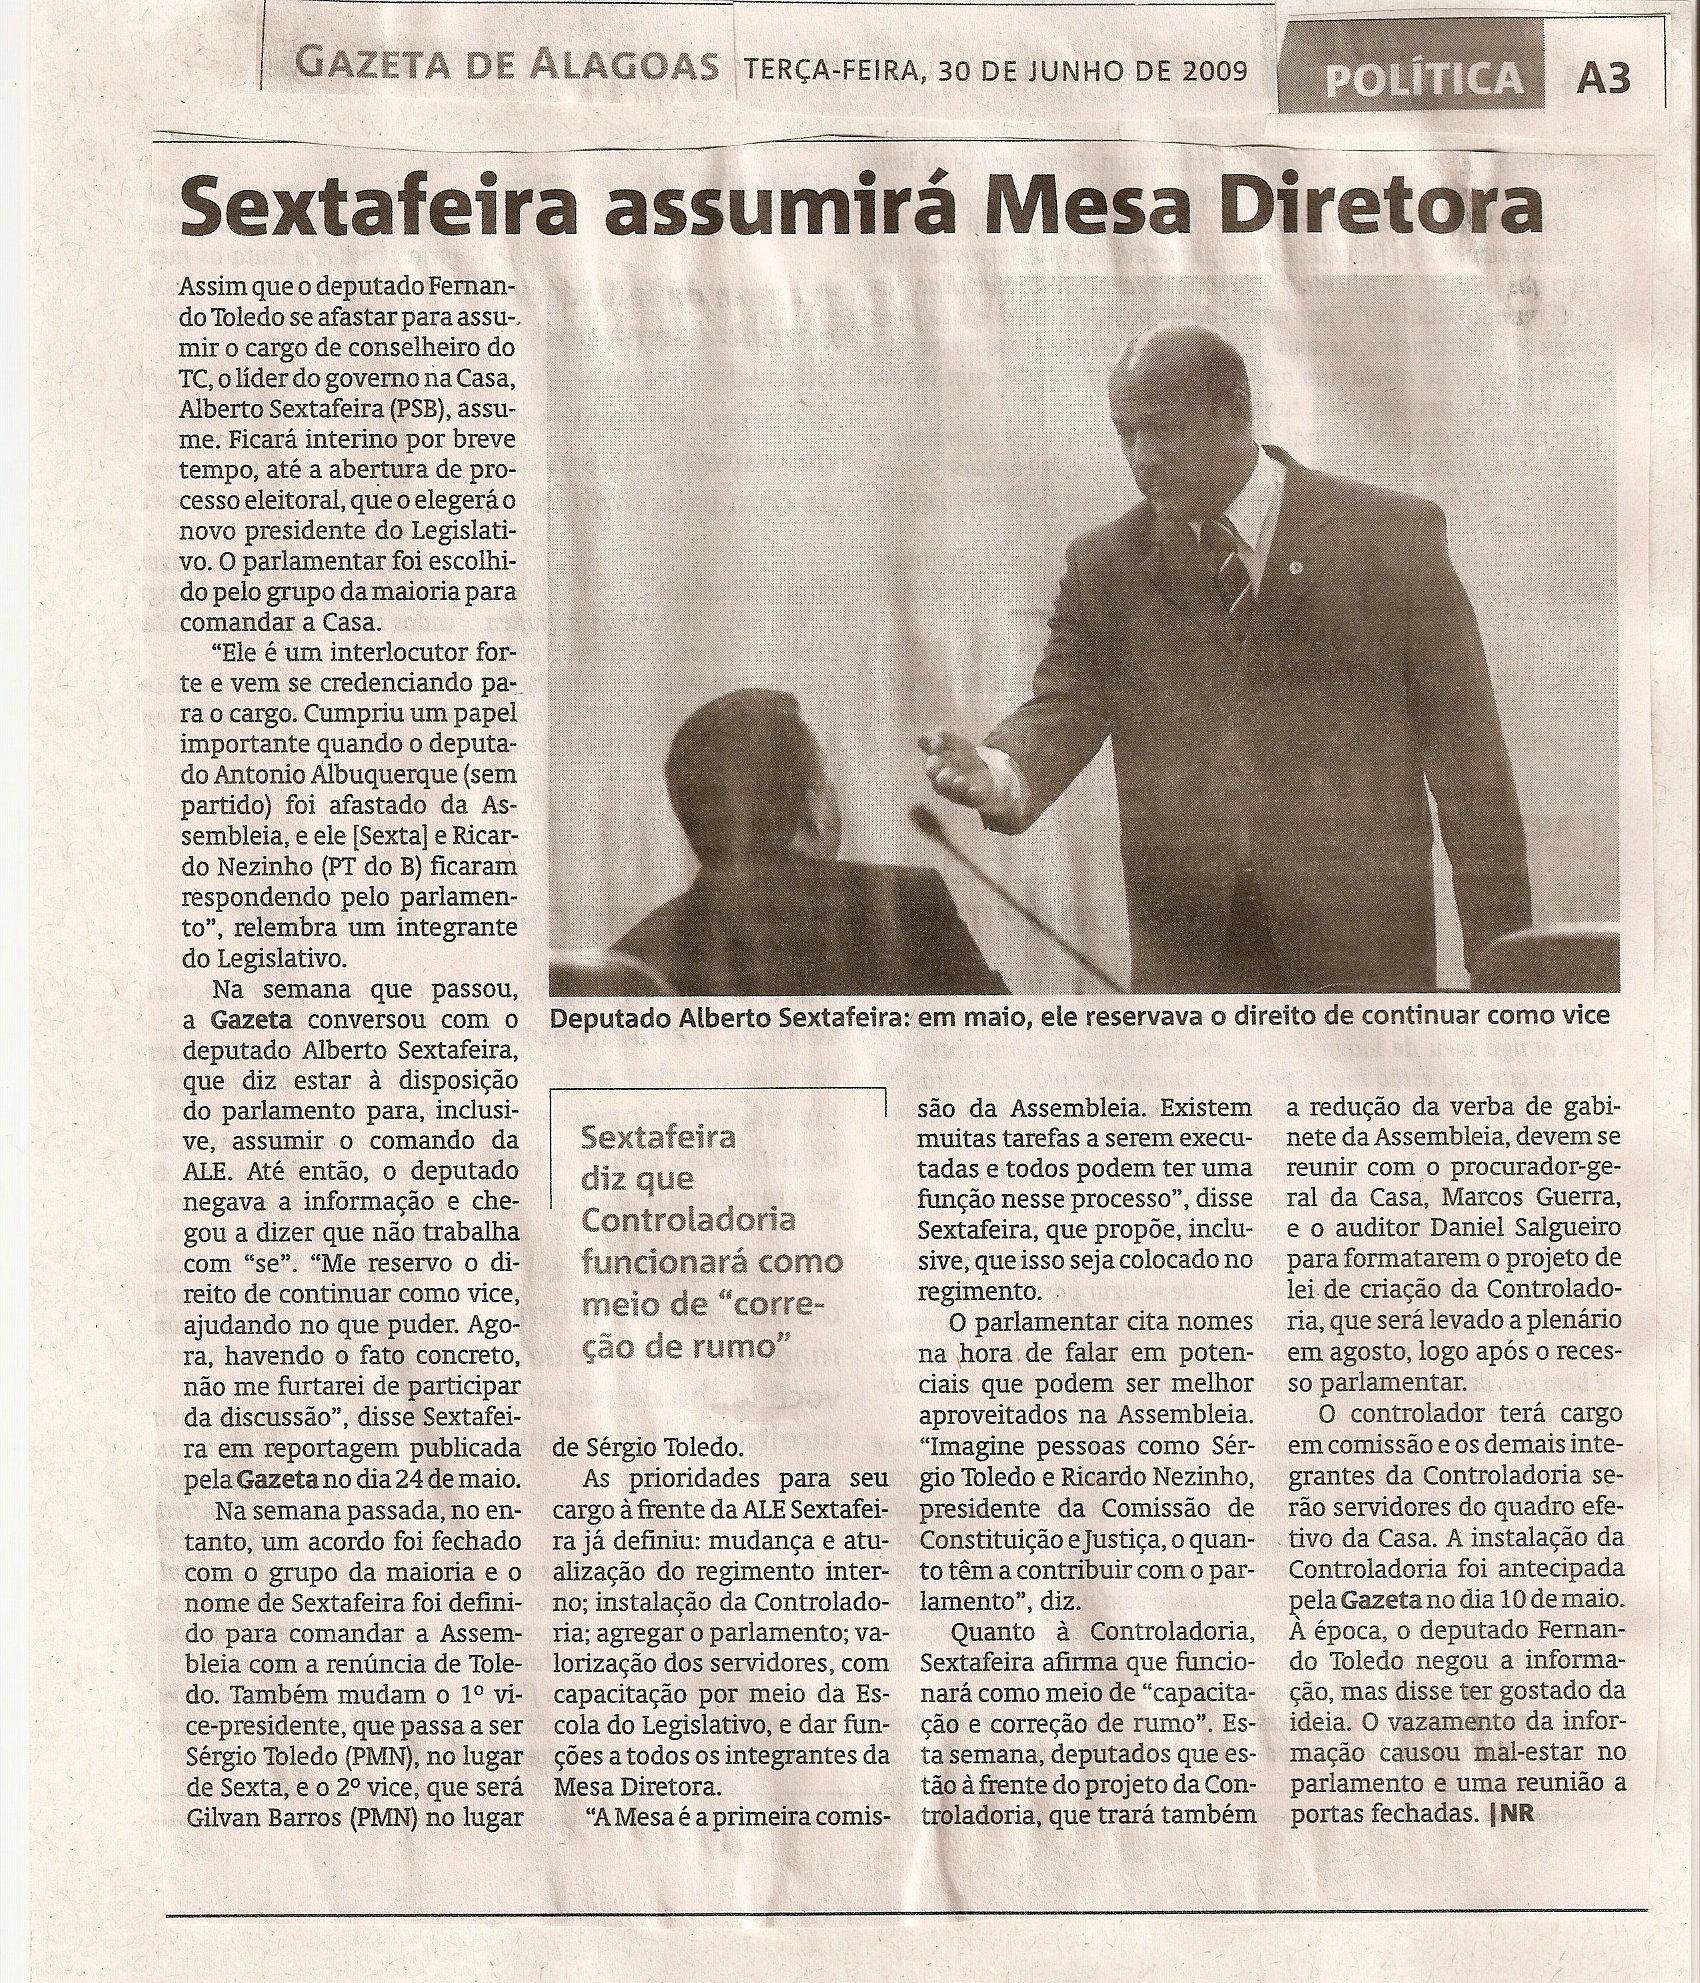 gazeta_de_alagoas_30_06_2009